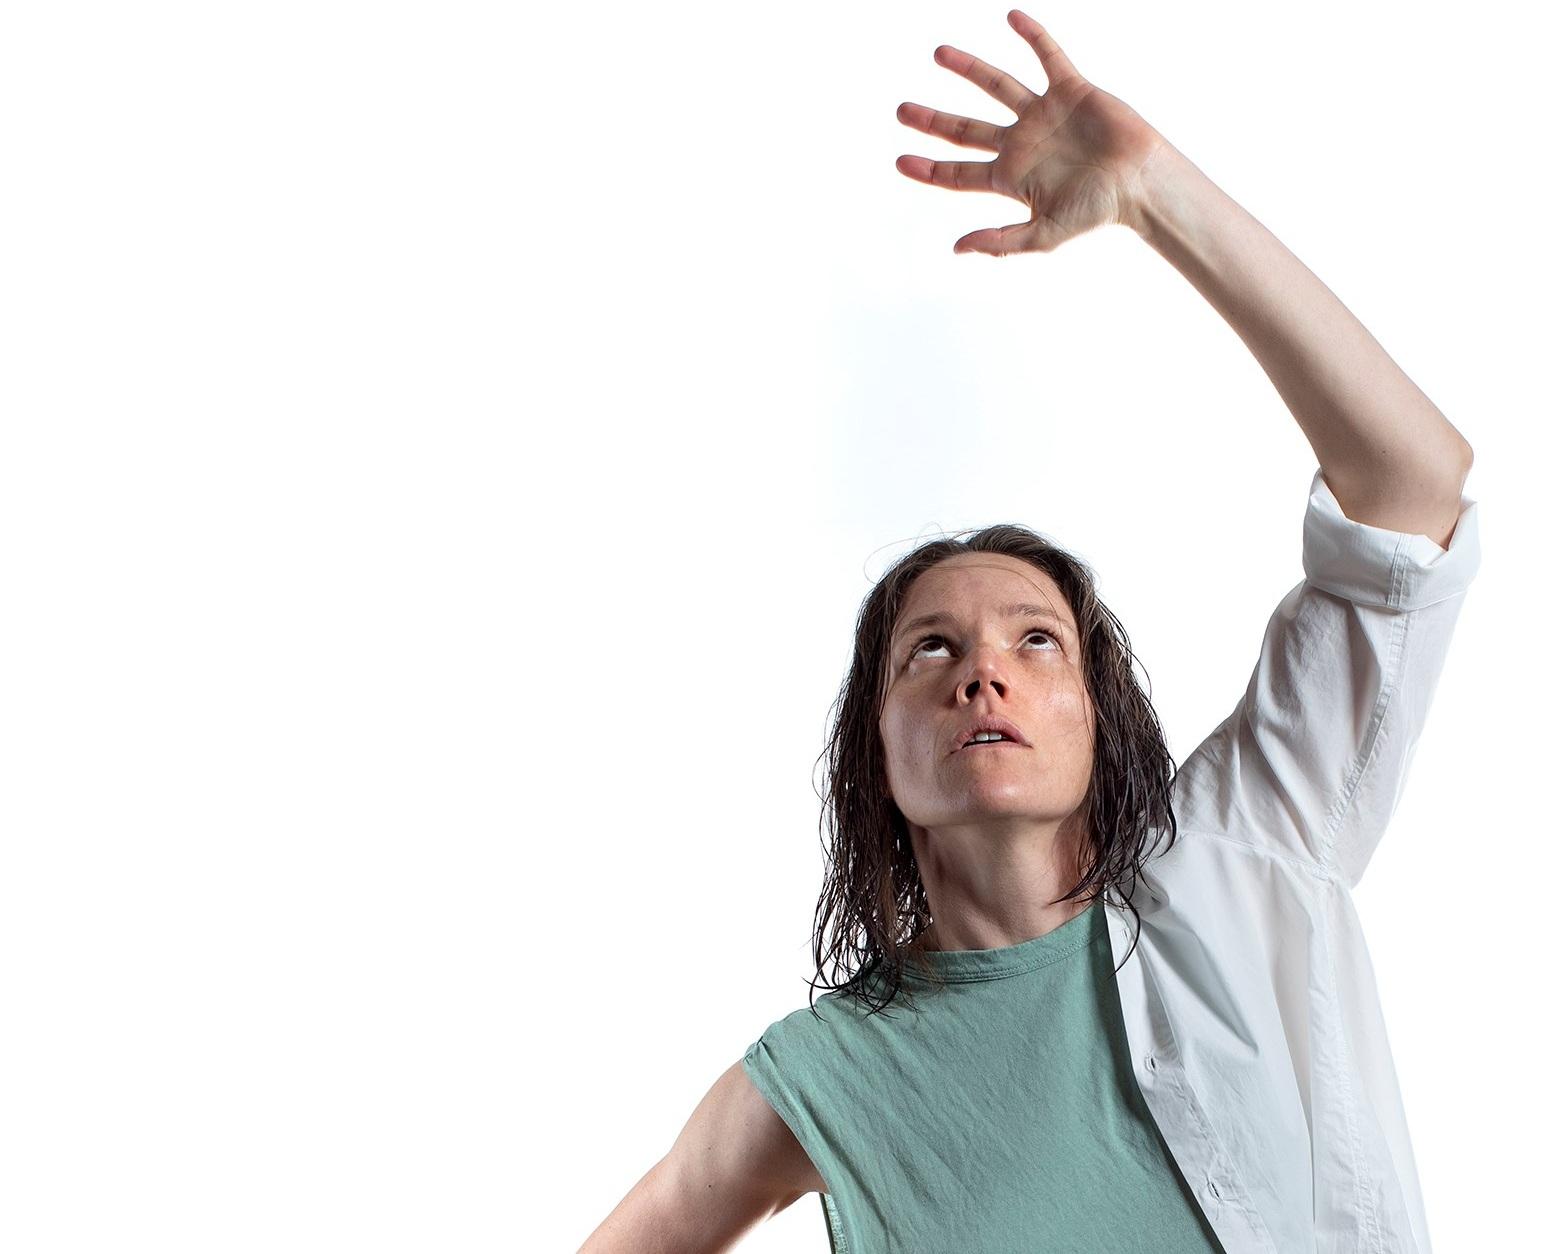 Chorus - Ella Prince plays Agamemnon in this retelling.